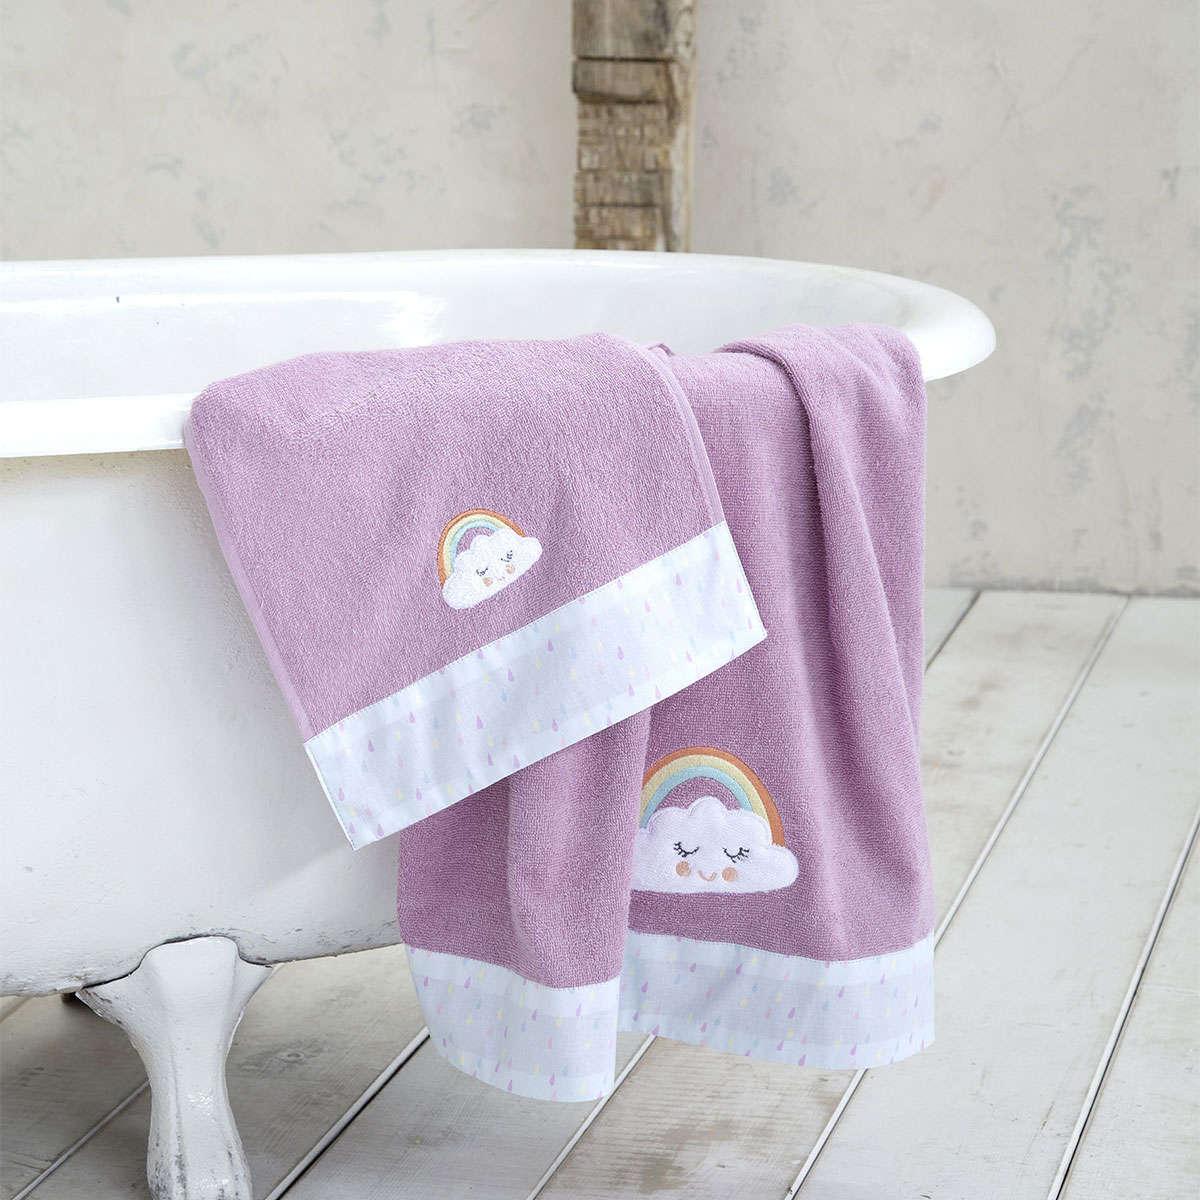 Πετσέτα Παιδική – Pawnee Purple Nima Σώματος 70x140cm